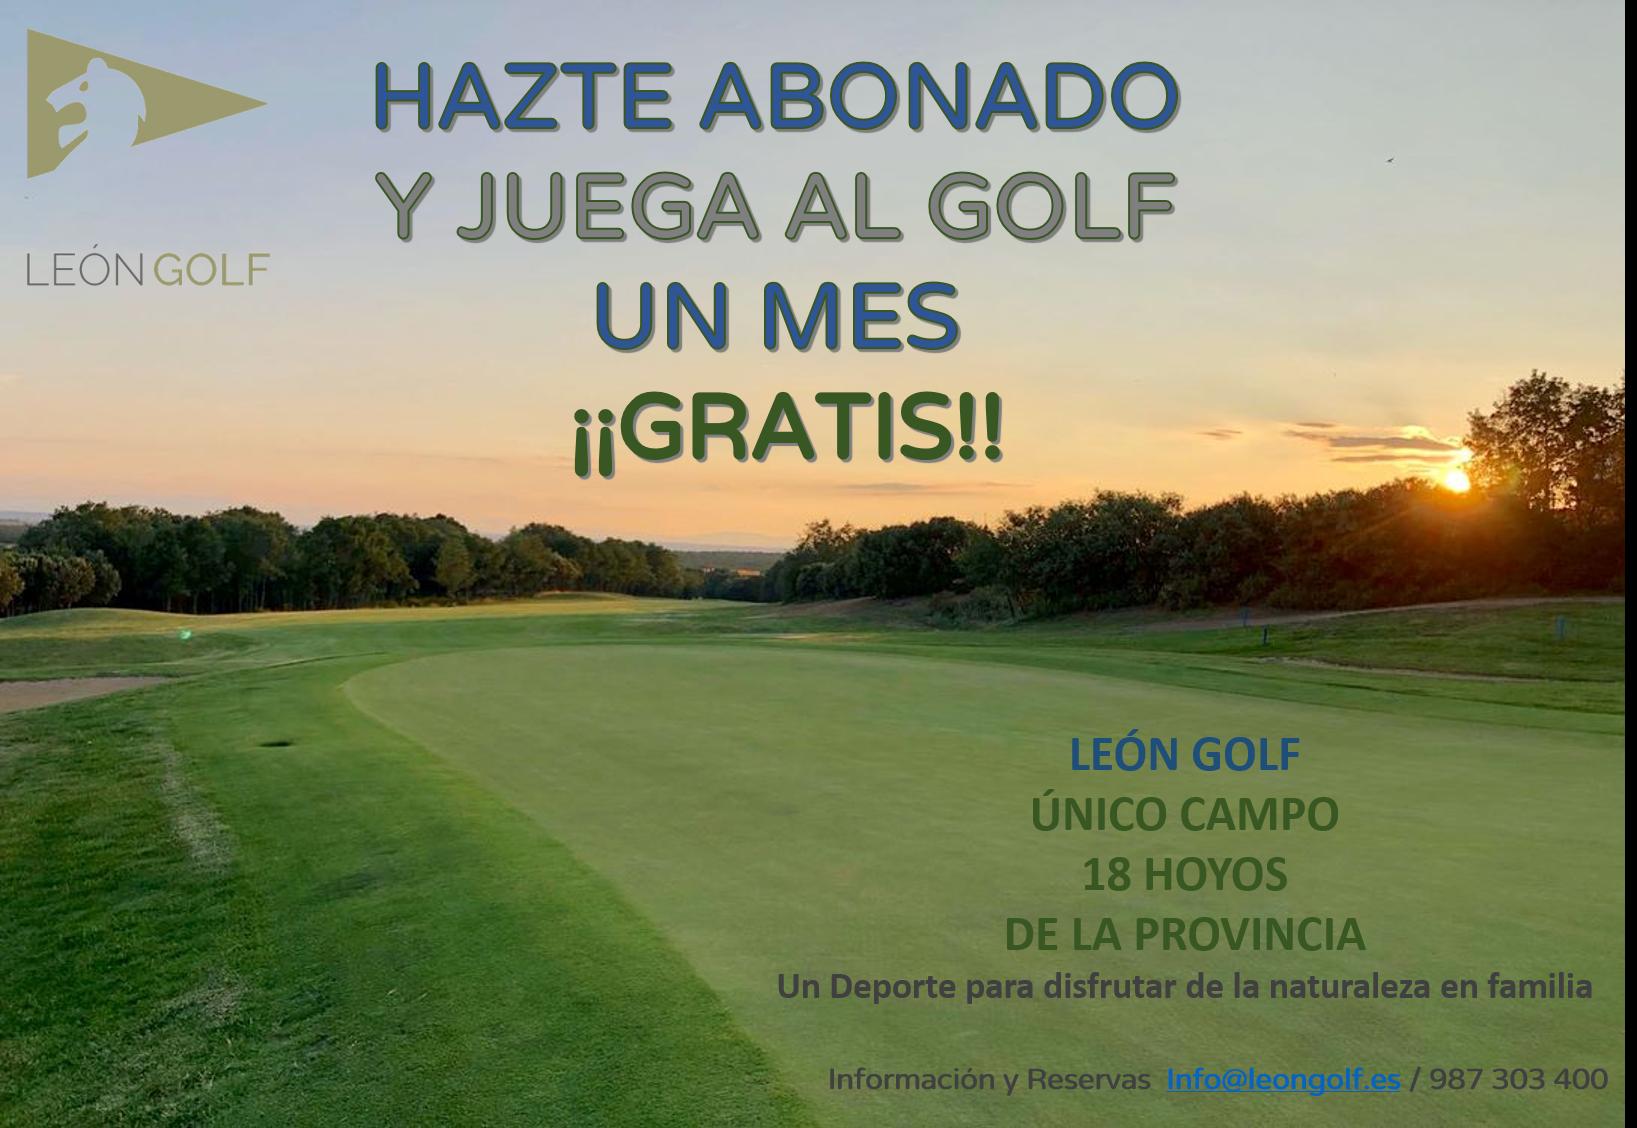 HAZTE ABONADO Y JUEGA UN MES ¡¡GRATIS!!